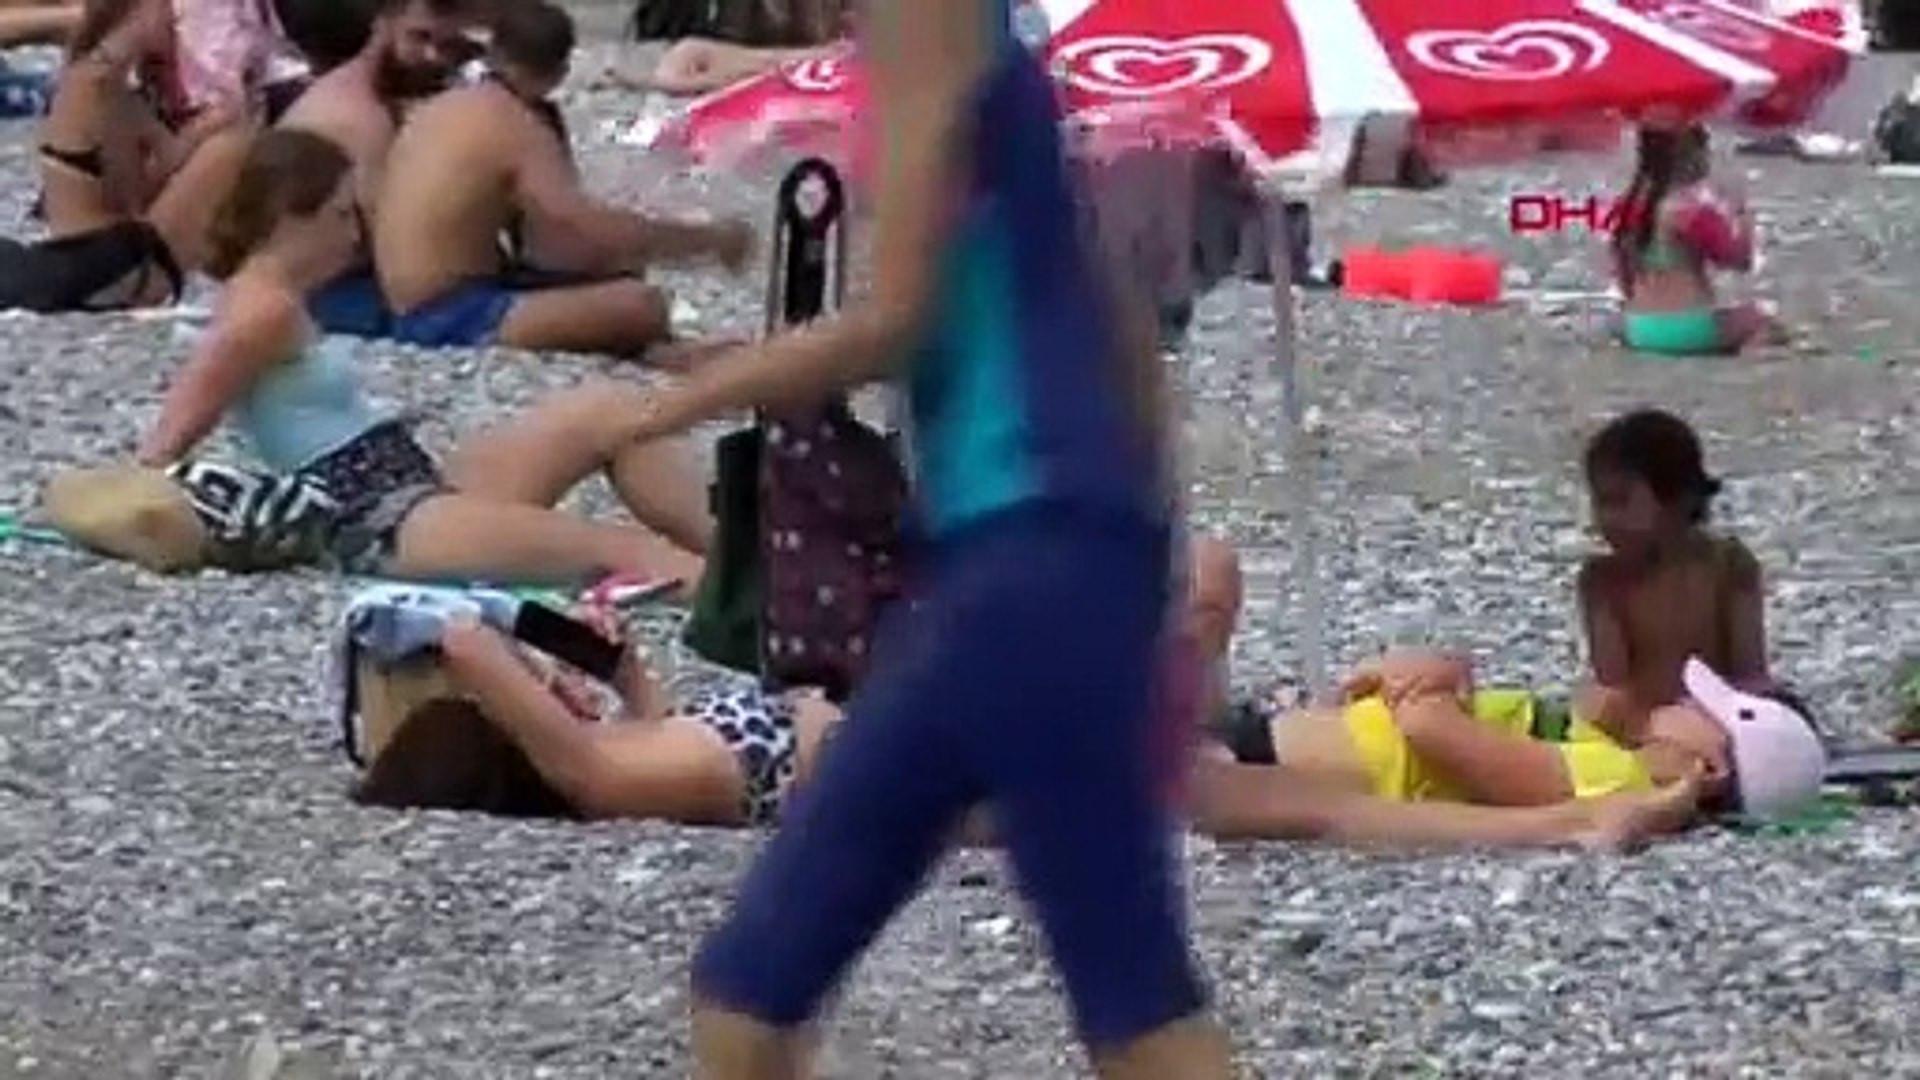 Antalya'da bulutlu hava da turistleri durduramadı